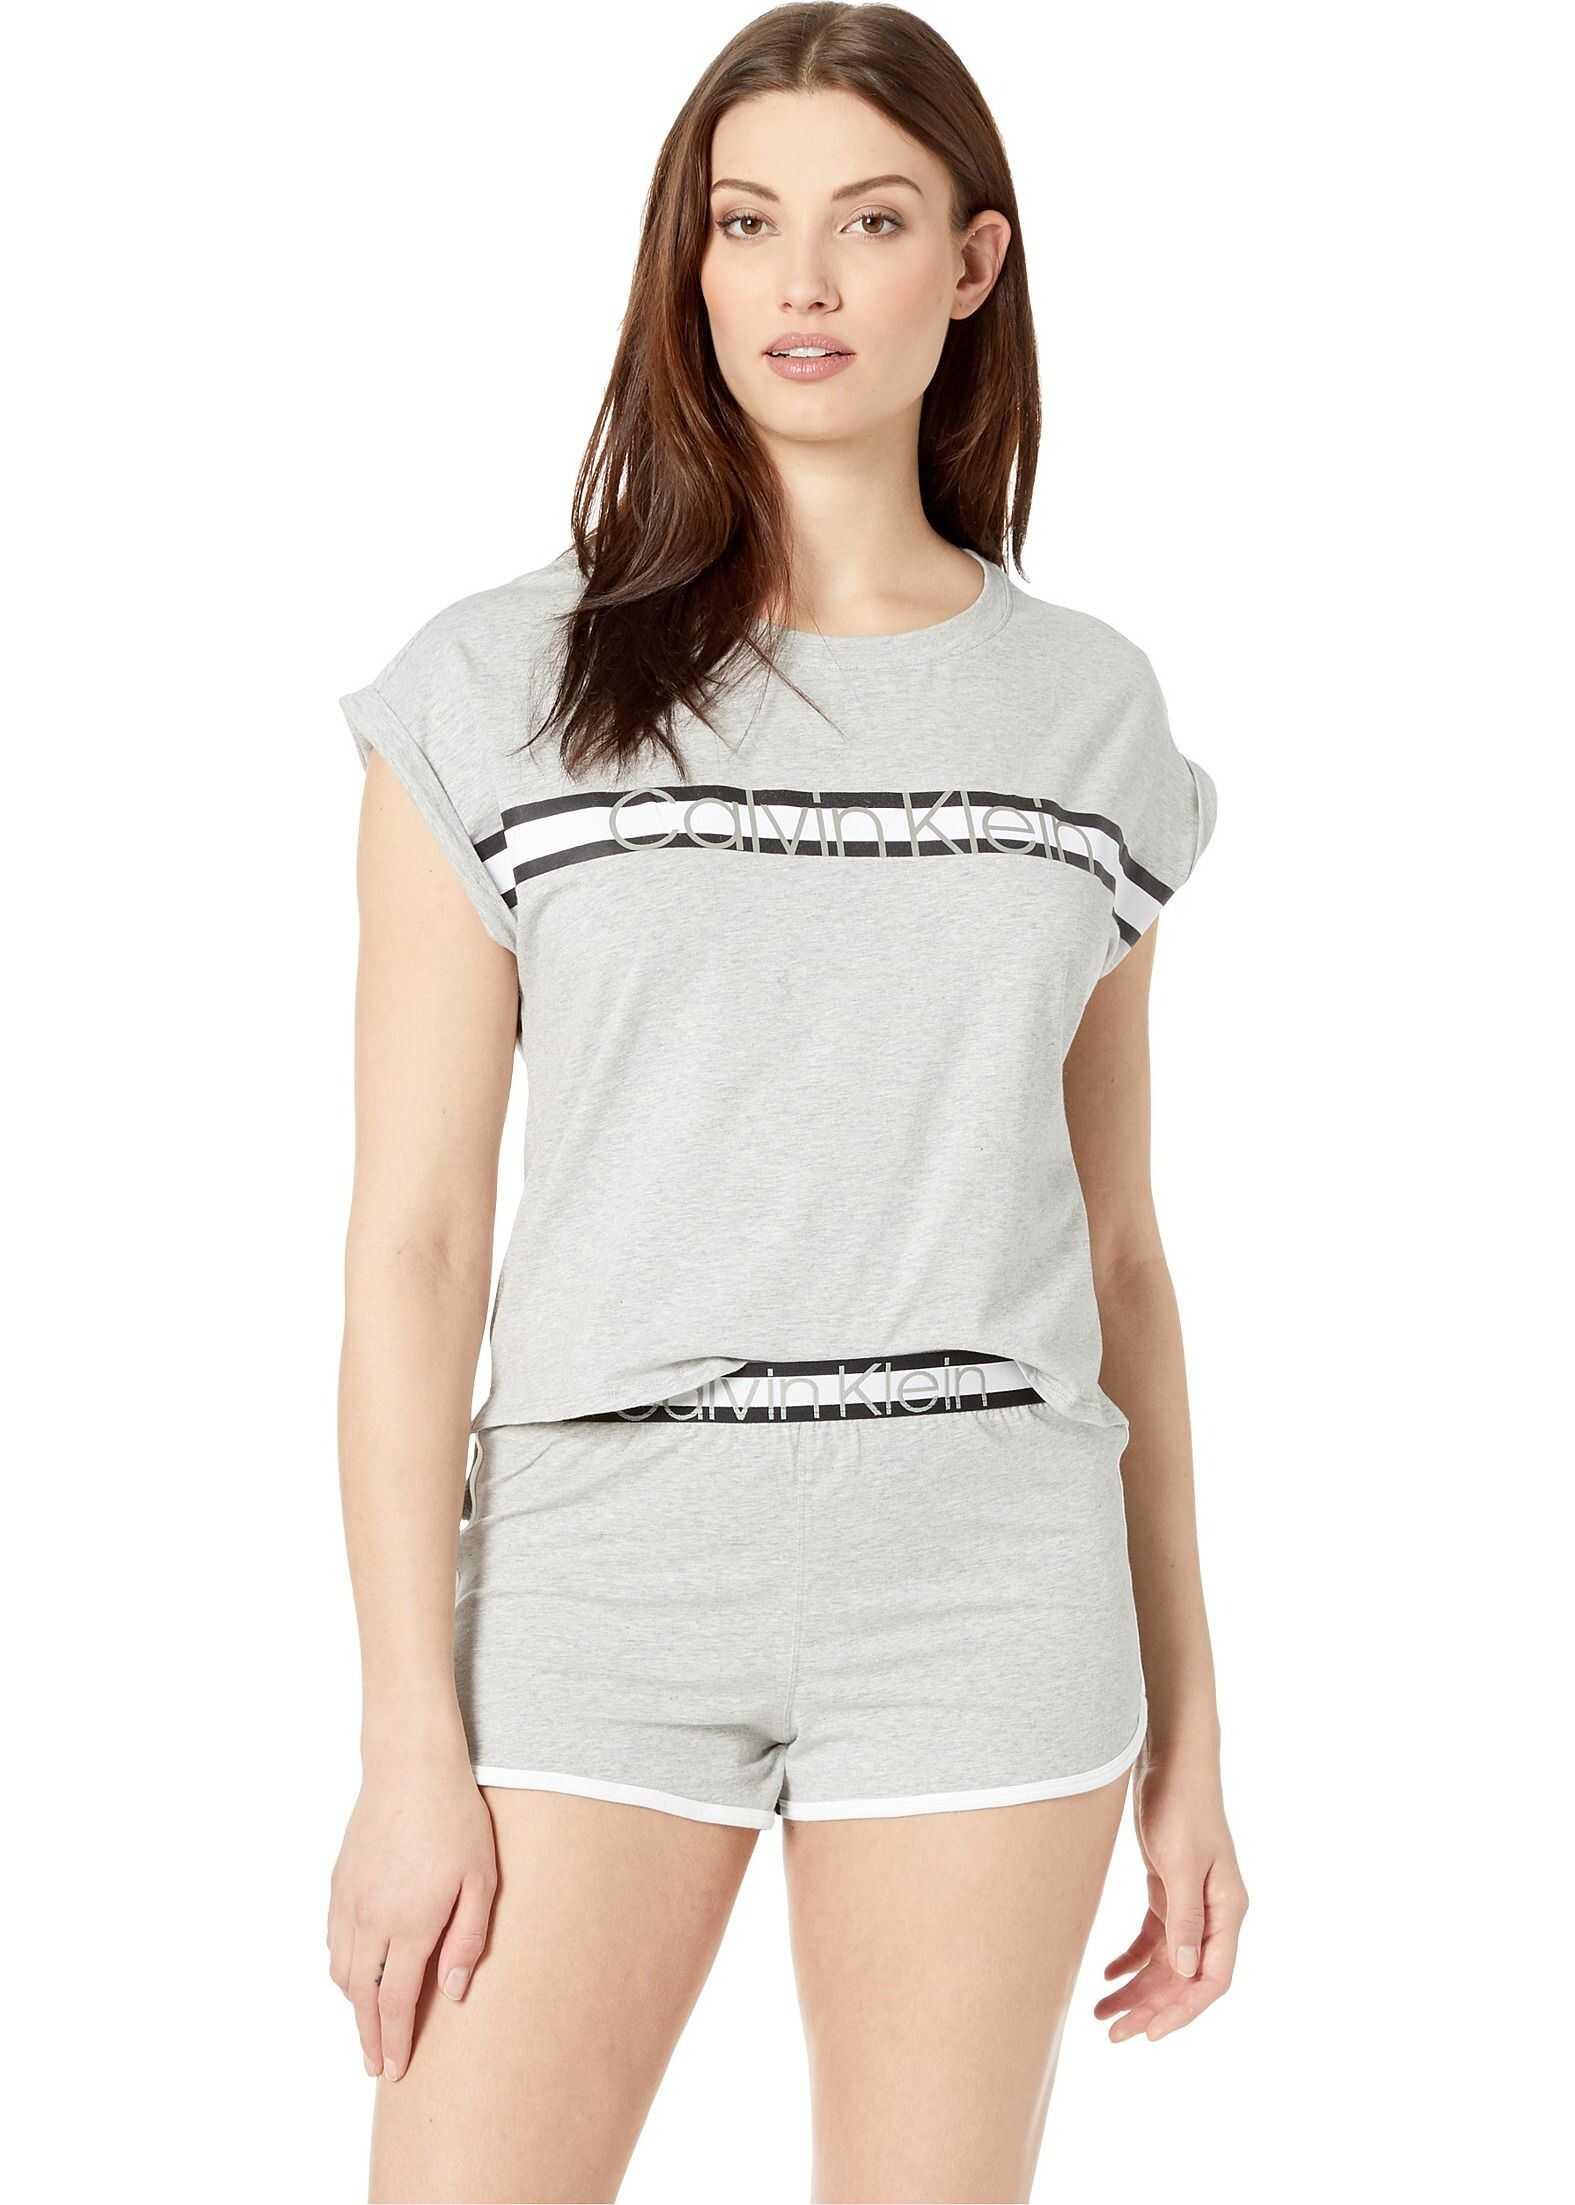 Calvin Klein Underwear Millenial Pj Set Short Sleeve Short Set Grey Heather